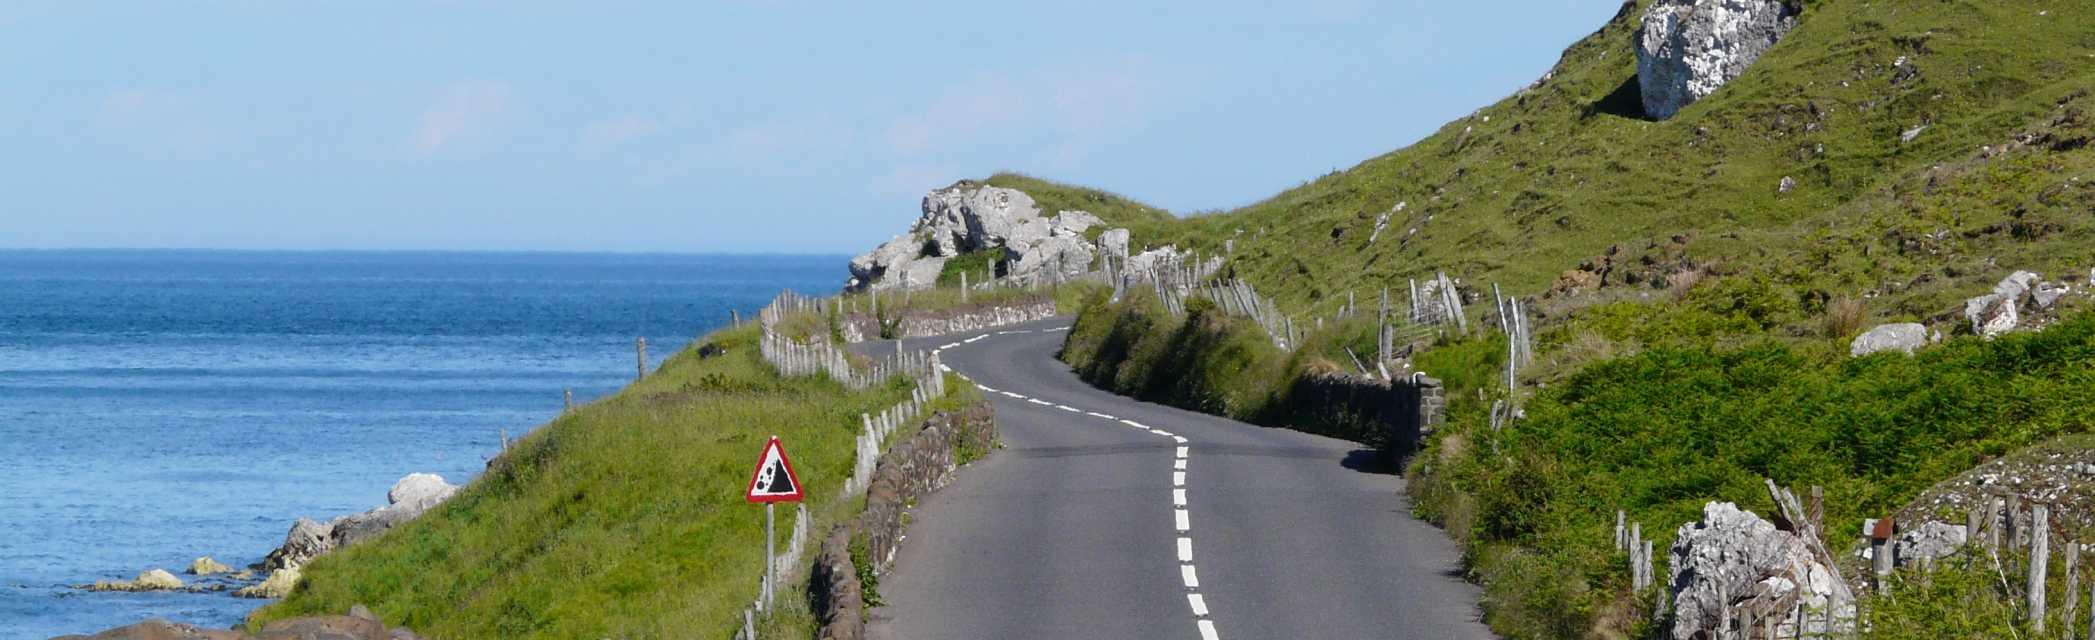 sonnenklar.TV Reisebüro | Irland - Kultur und Natur auf der grünen Insel